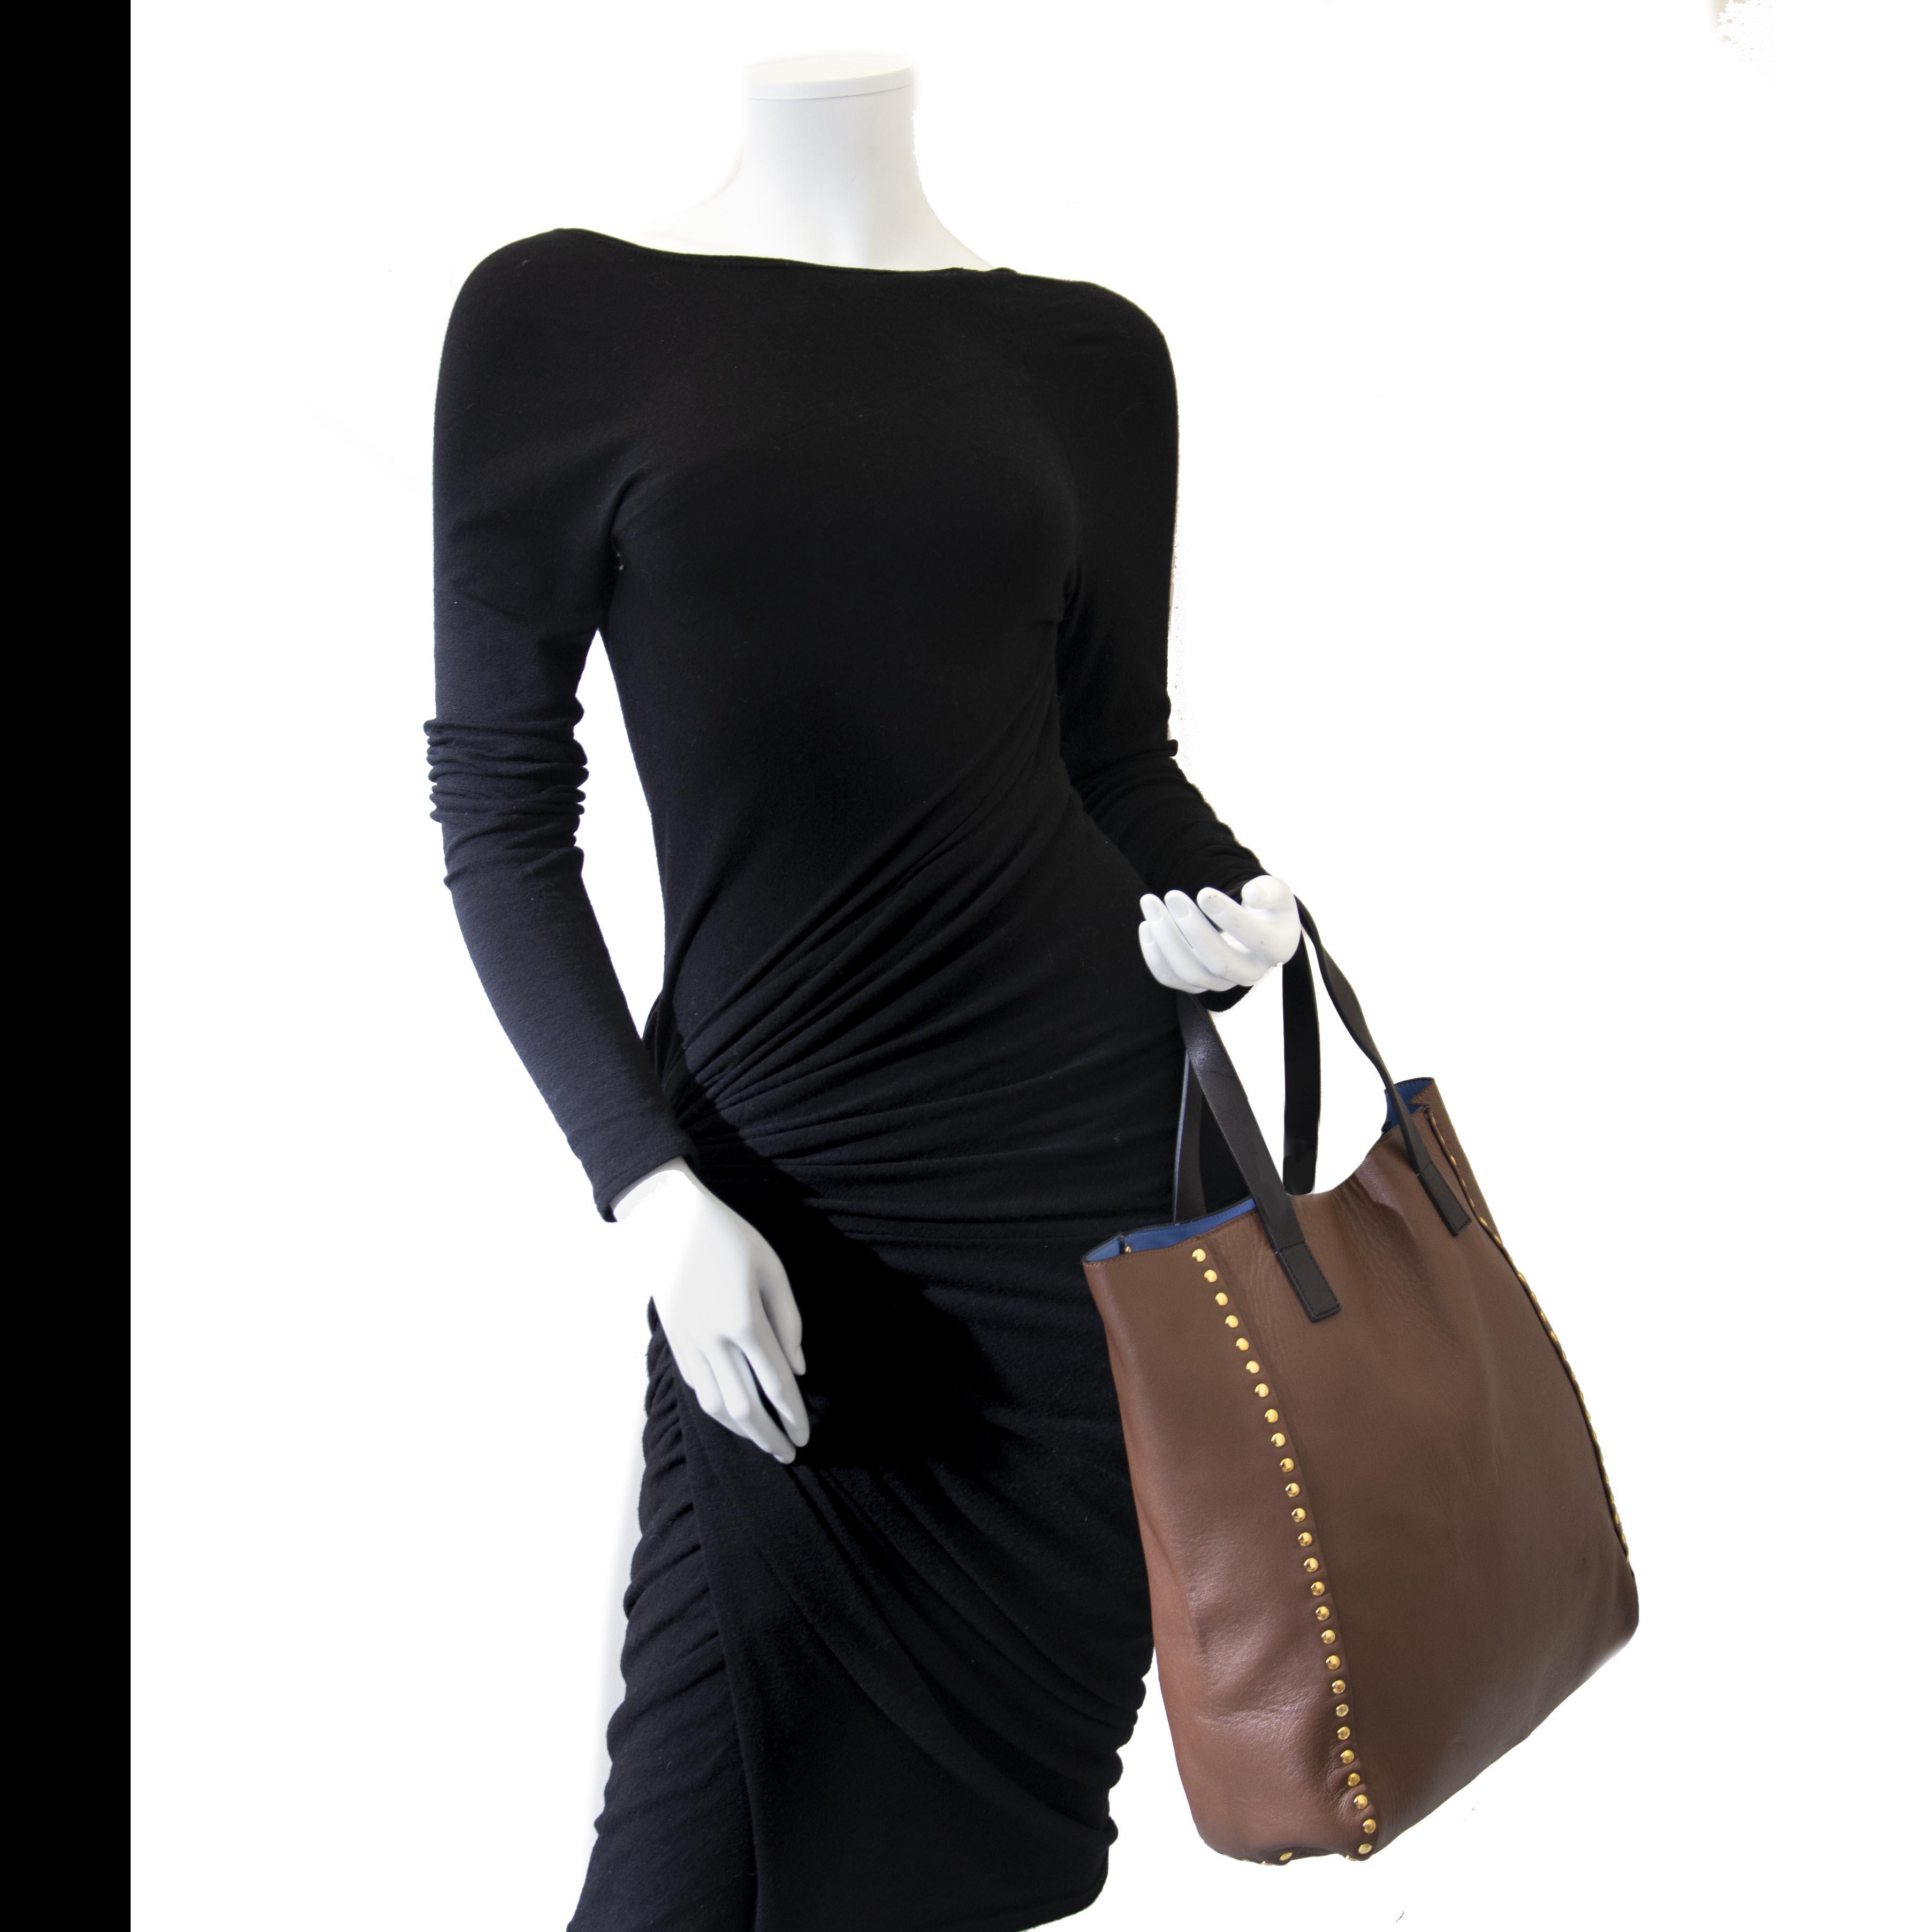 Tweedehands Marni handtassen bij Labellov. Online webshop met designerhandtassen